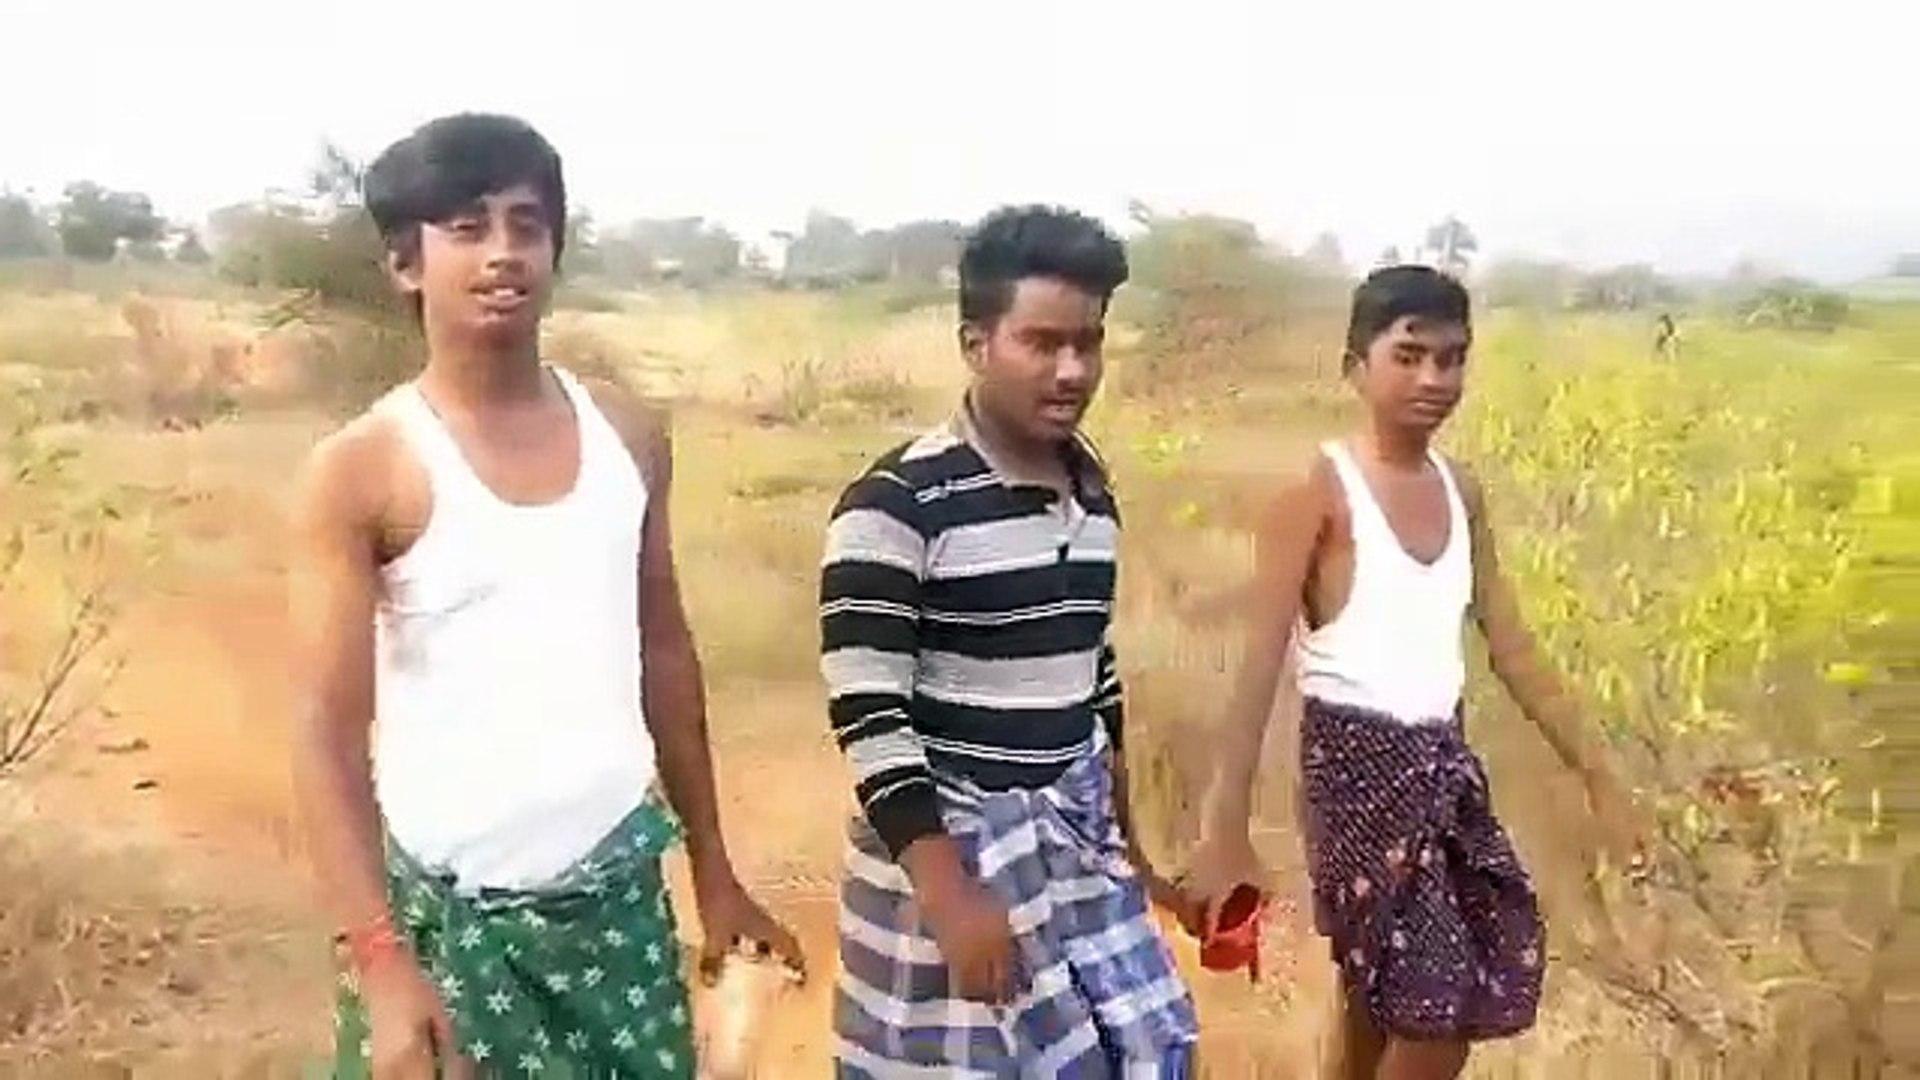 7 share pachi boothulu|telugu pachi boothulu|arjun reddy pachi  boothulu|arokya pachi boothulu